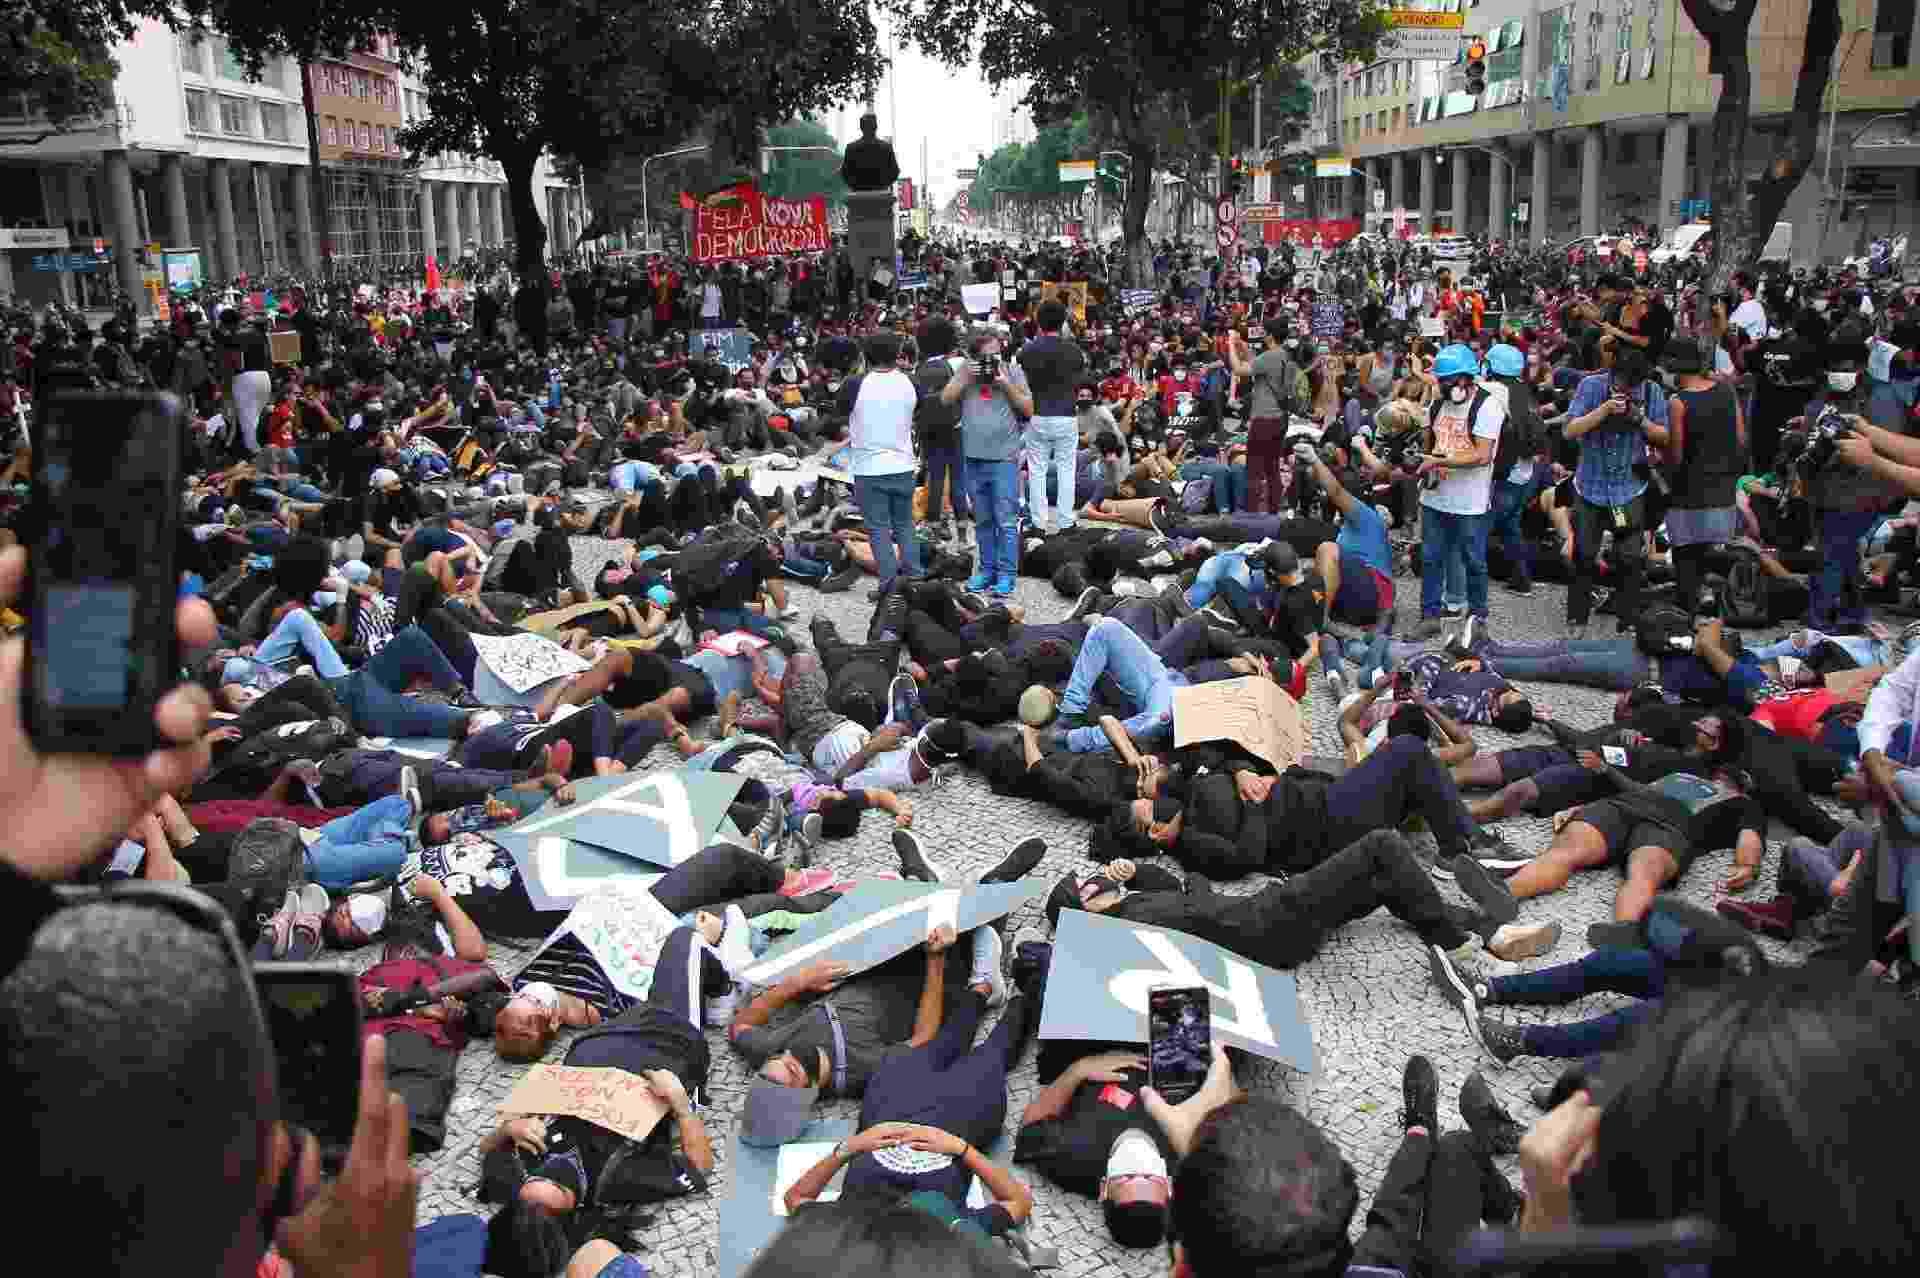 Ato de manifestação e protesto contra a violência racial e abuso de poderes no Centro do Rio de janeiro - IVAN SAMPAIO/FUTURA PRESS/ESTADÃO CONTEÚDO